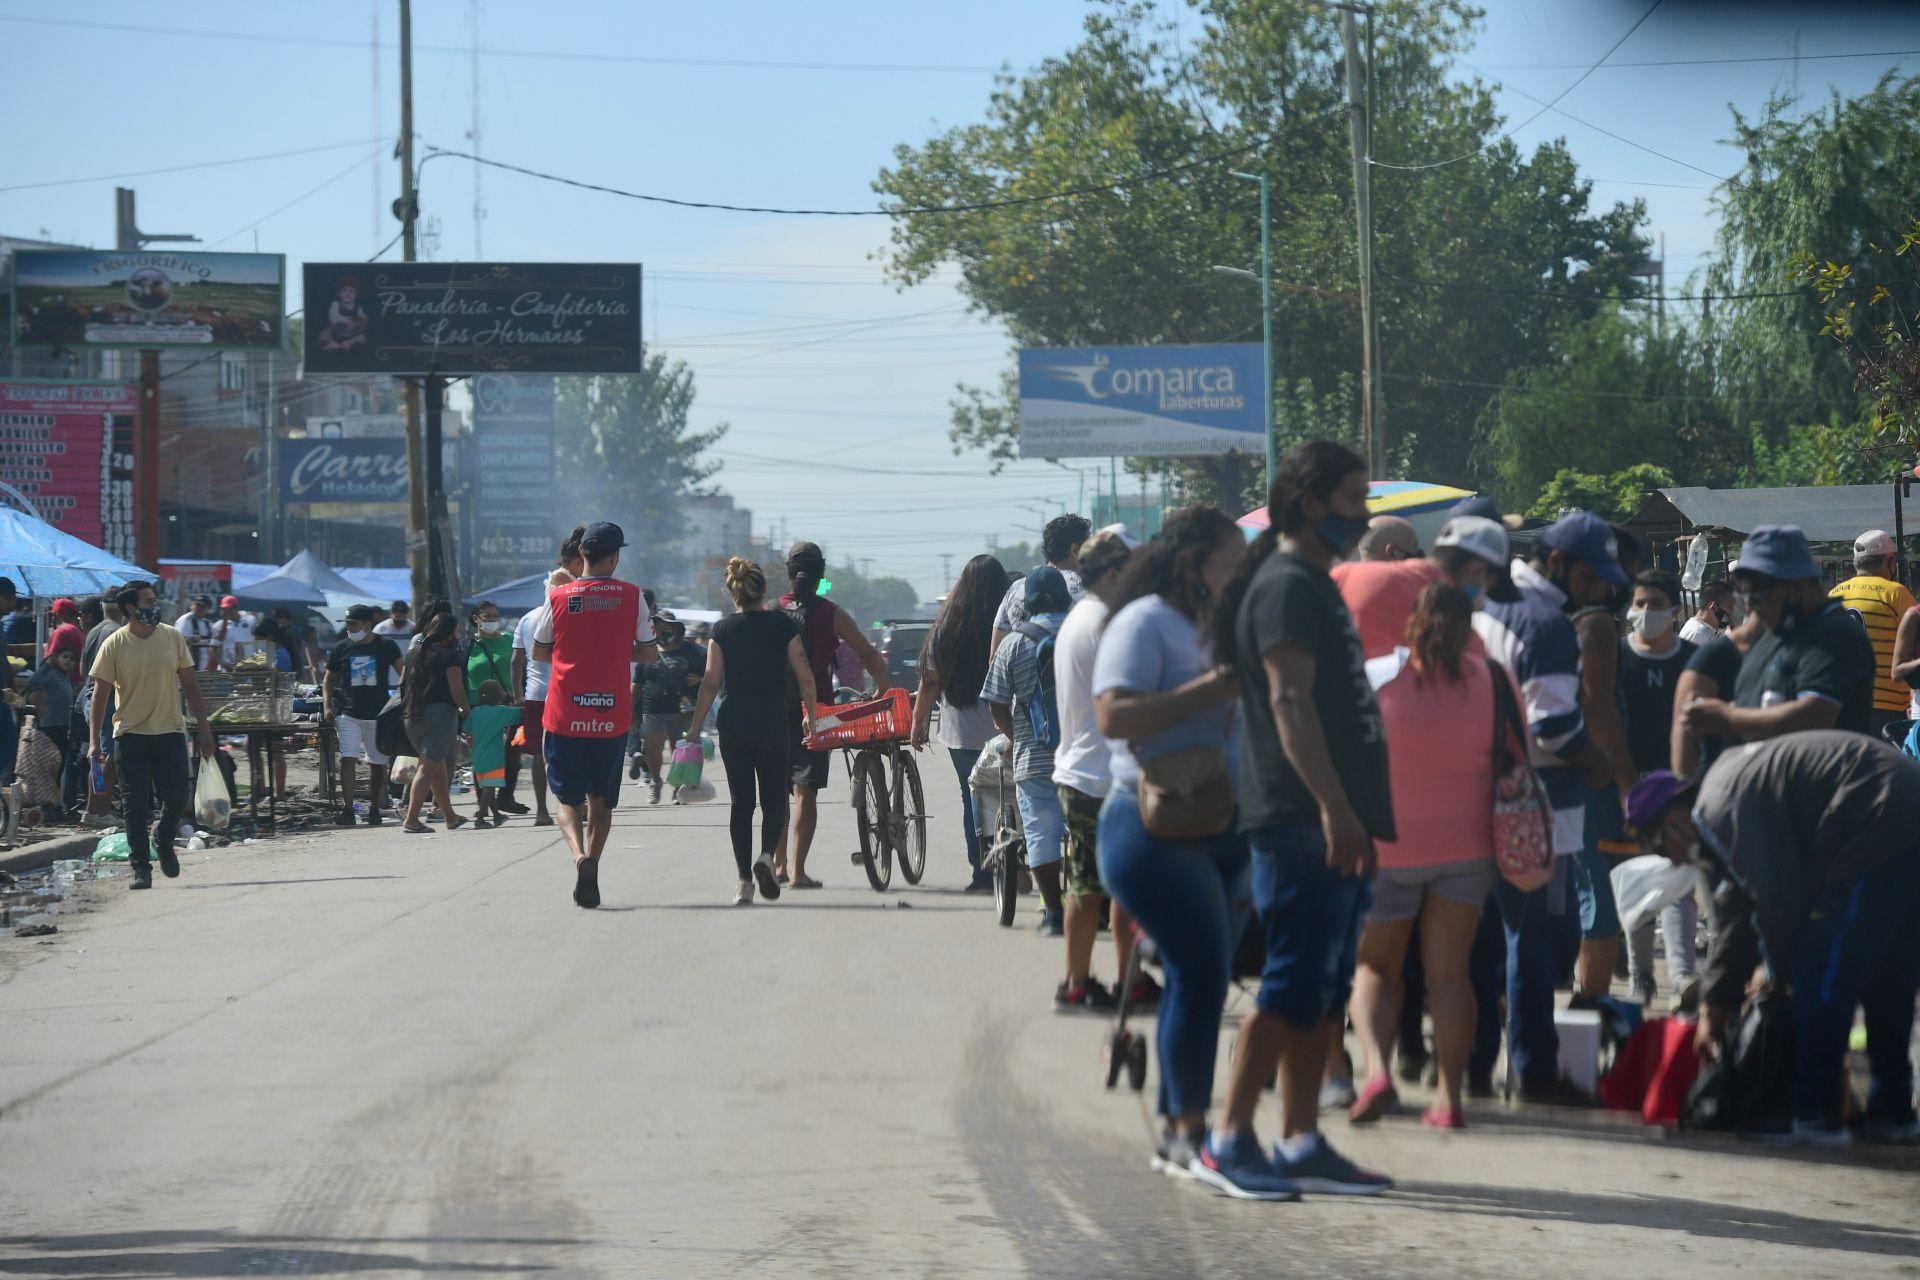 Feria Conurbano - Restricciones - Covid 19